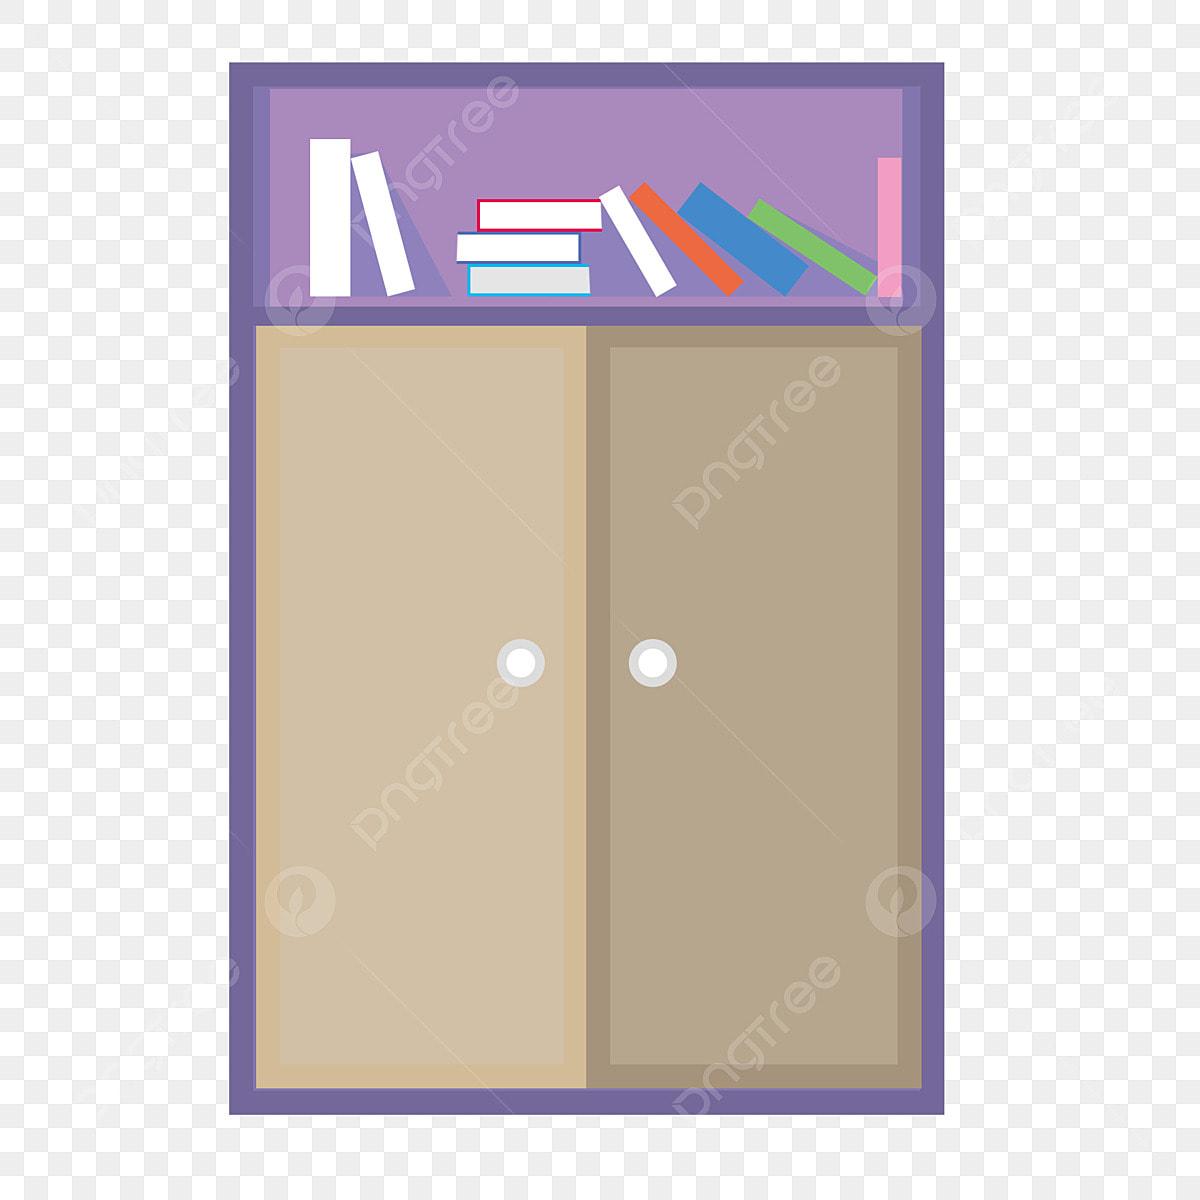 Conception Delements De Bibliotheque Et Livre Dessin Anime